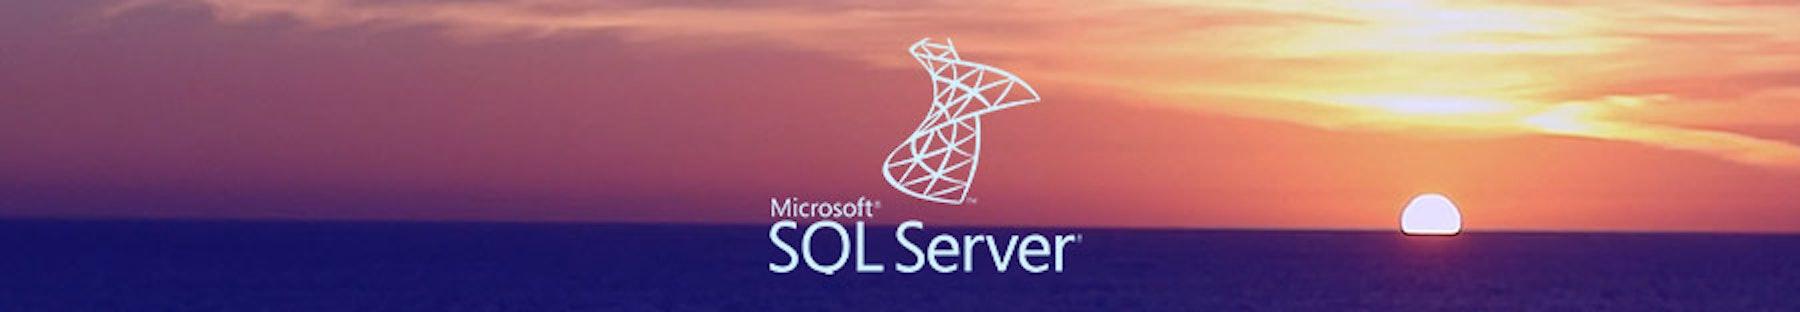 Ending Support for SQL Server 2012